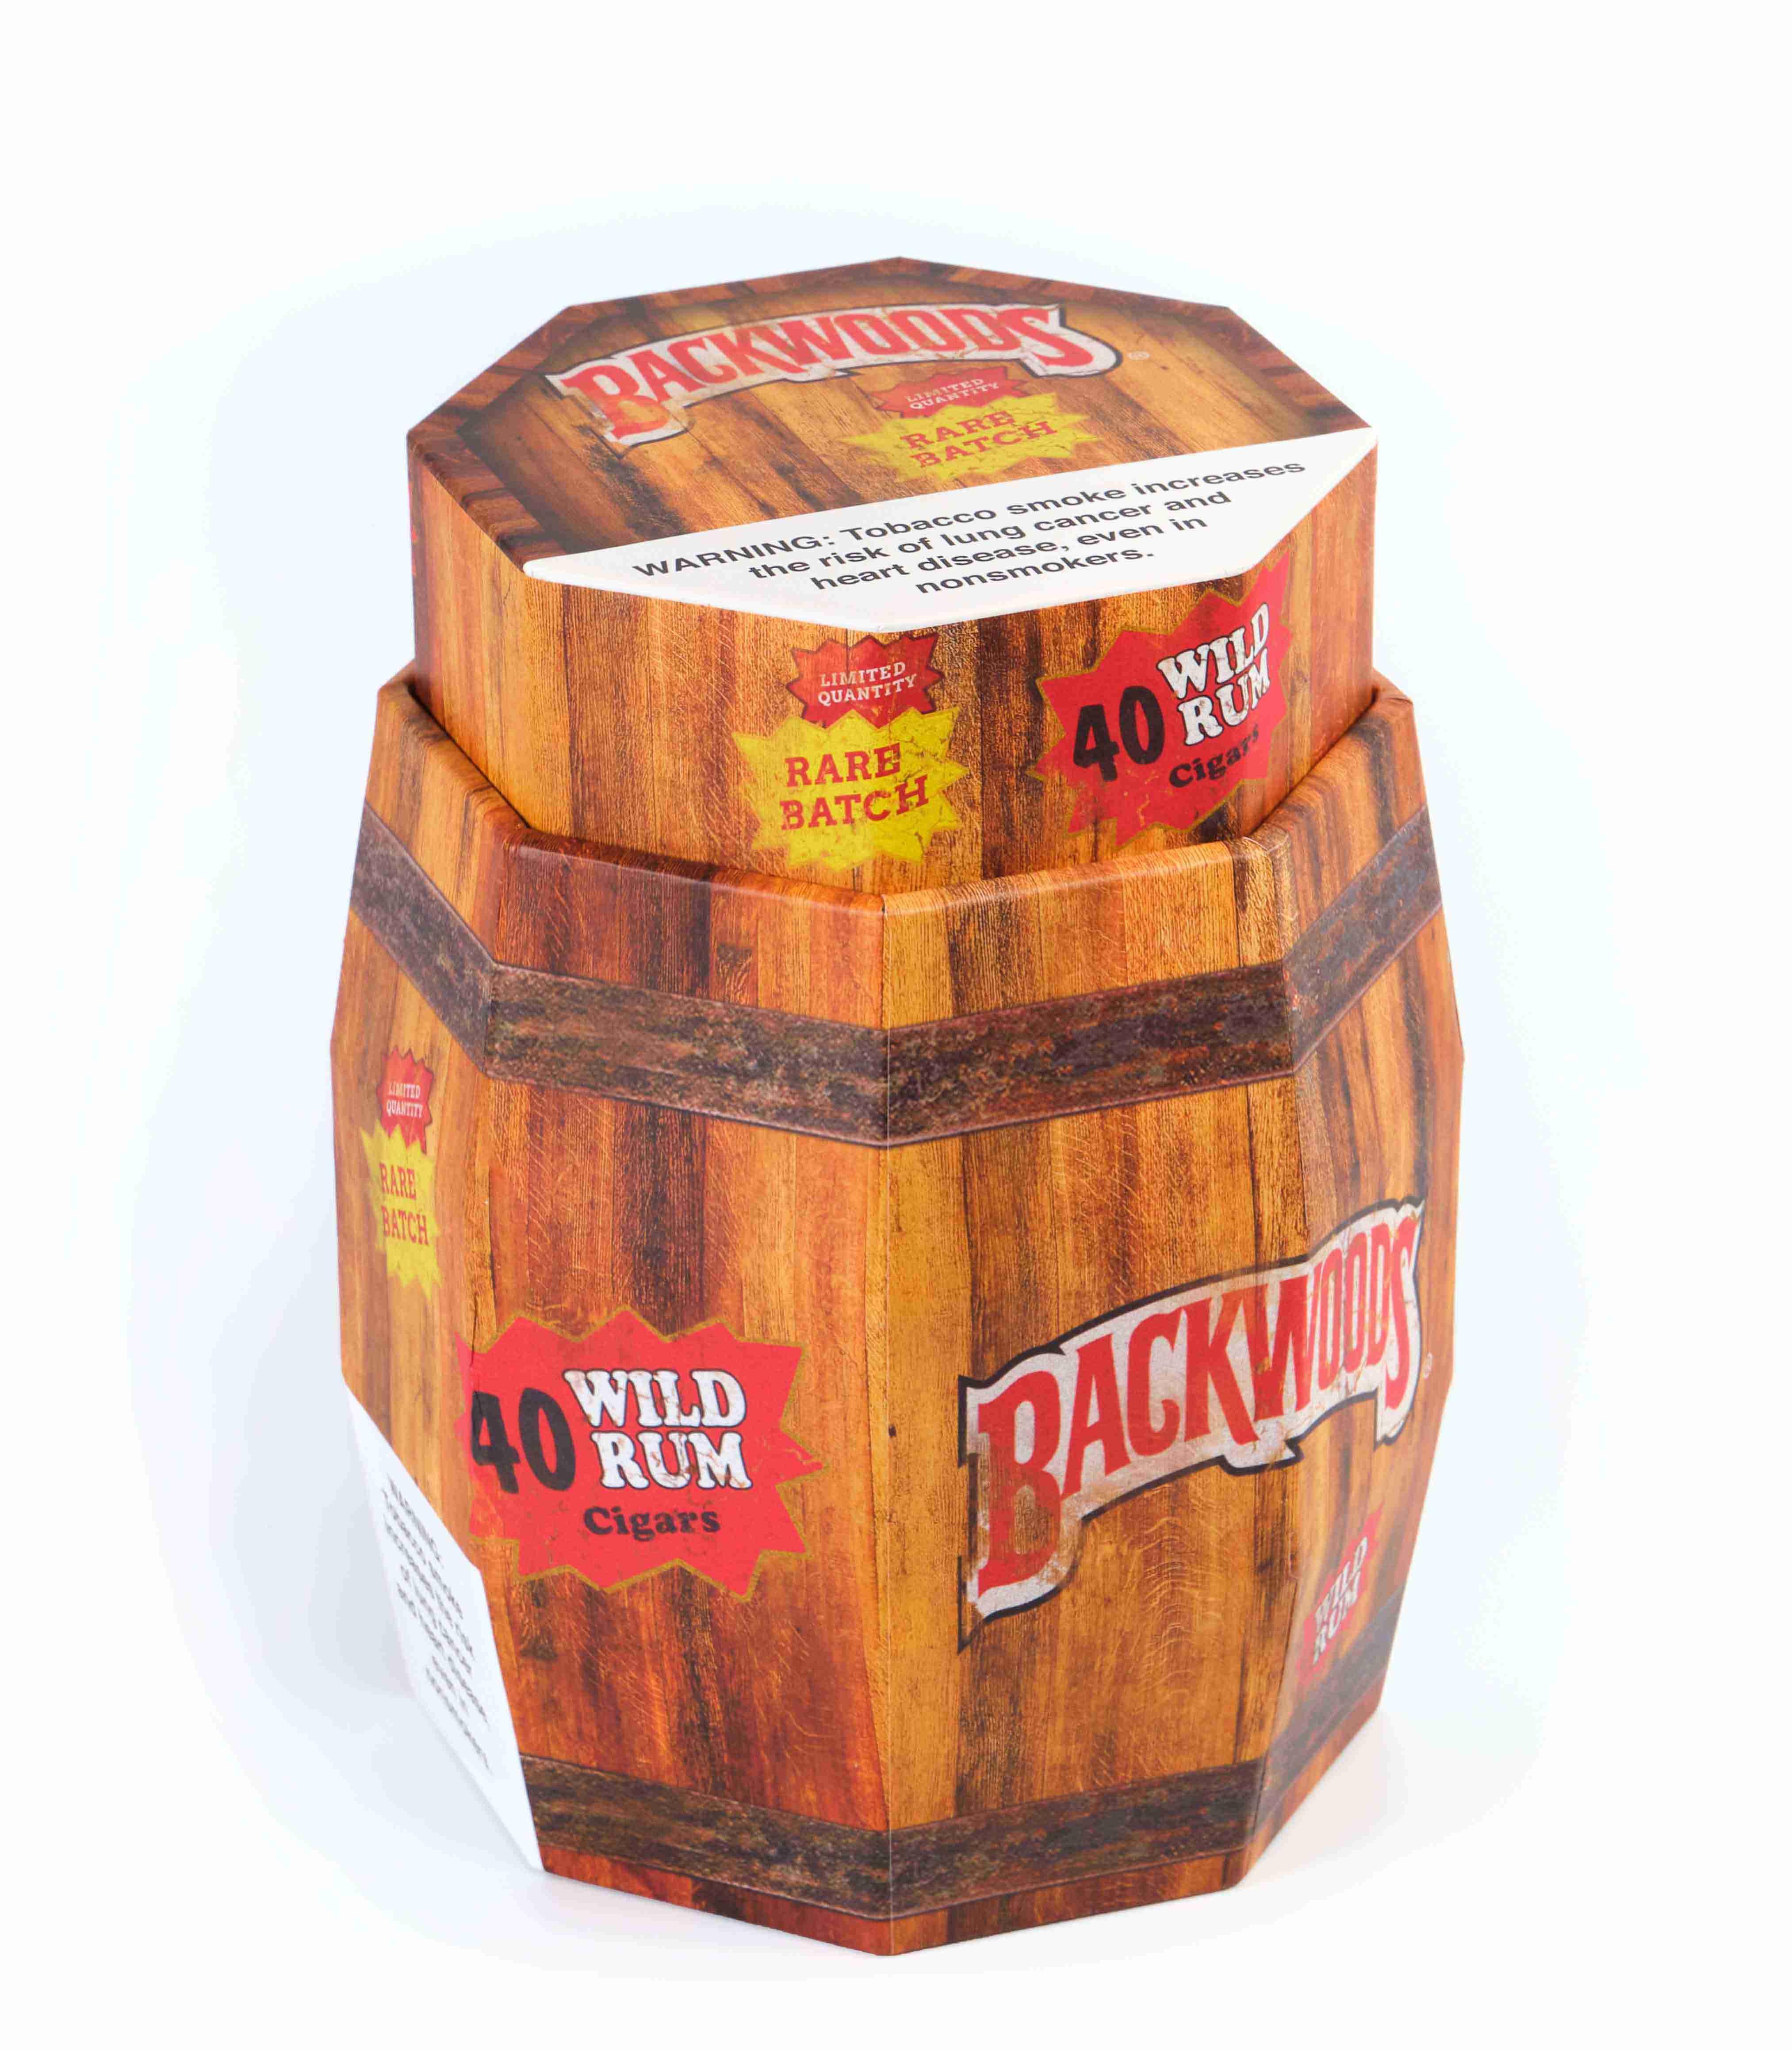 Backwoods wild Rum Barrel